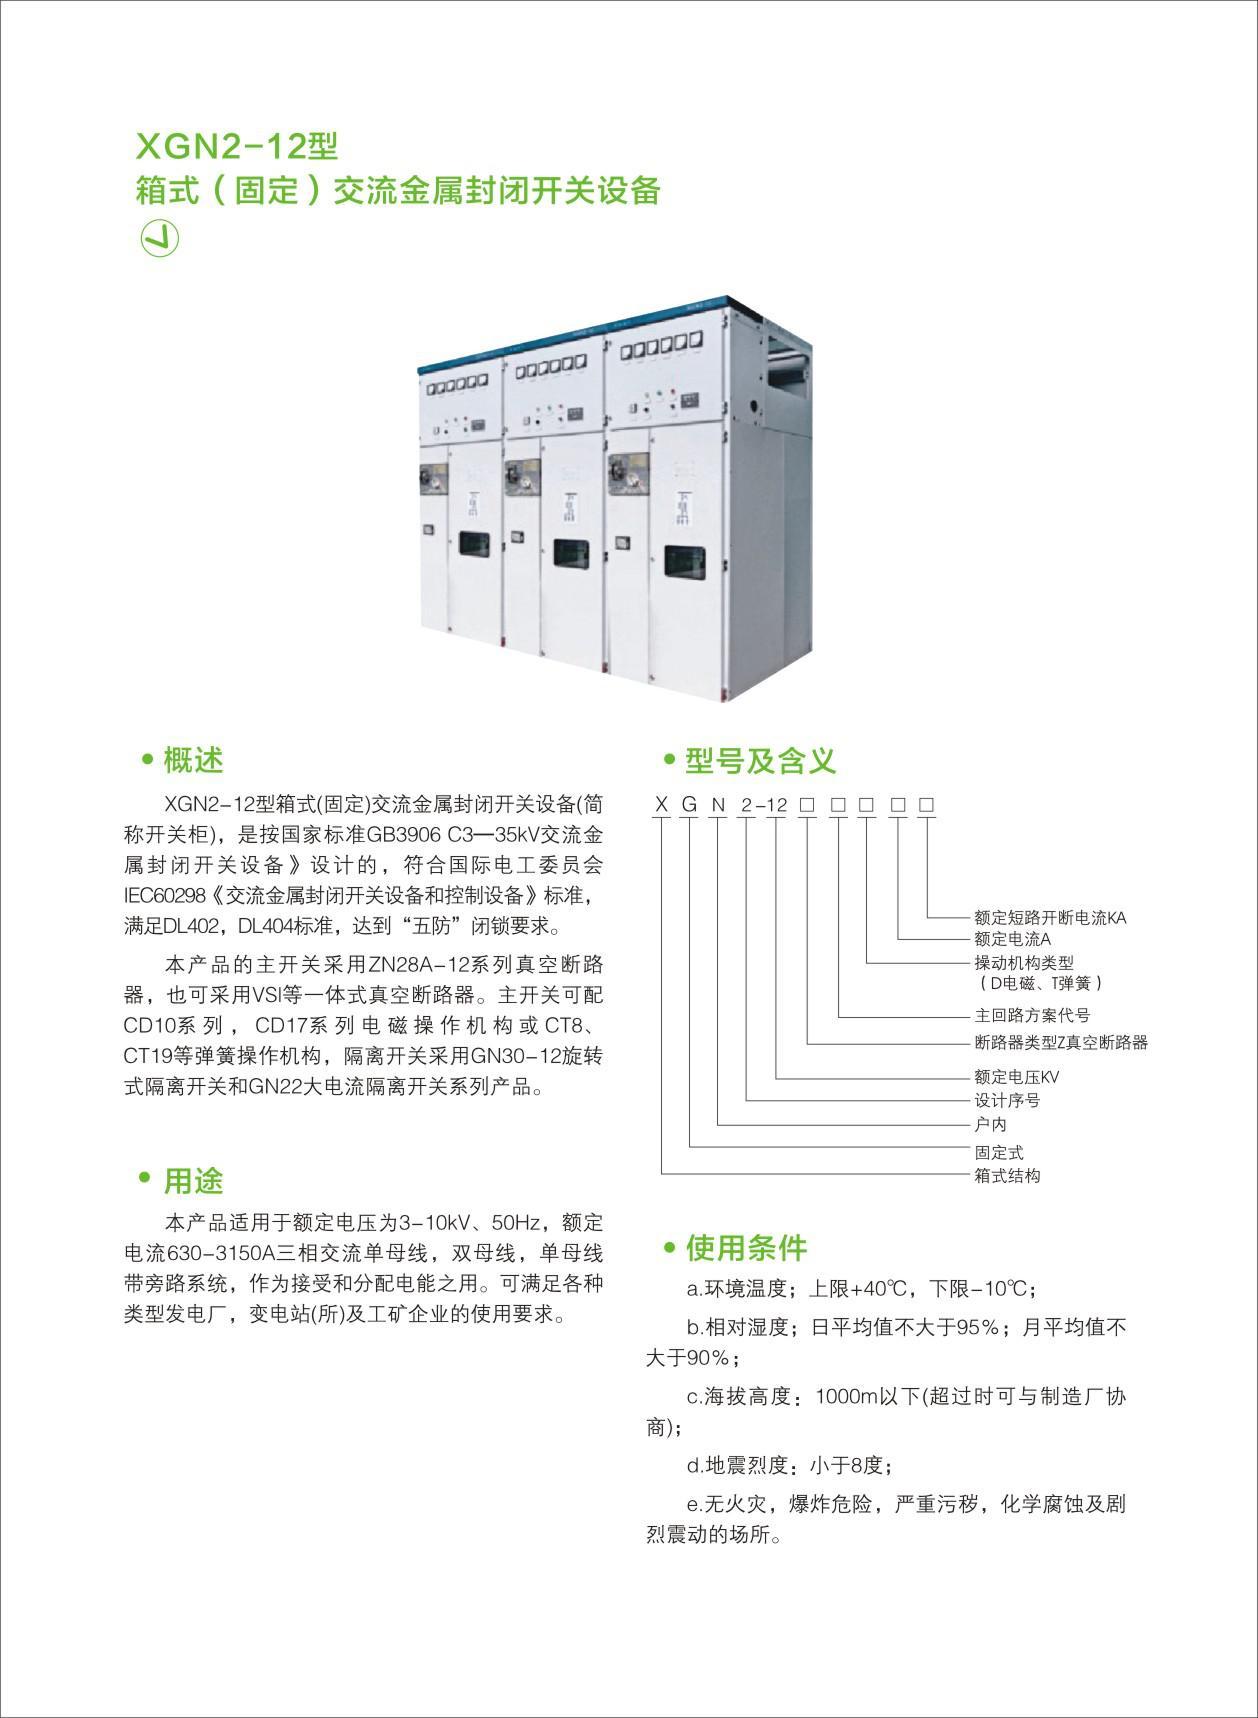 XGN12-12型箱式-固定交流金屬封閉開關設備-01